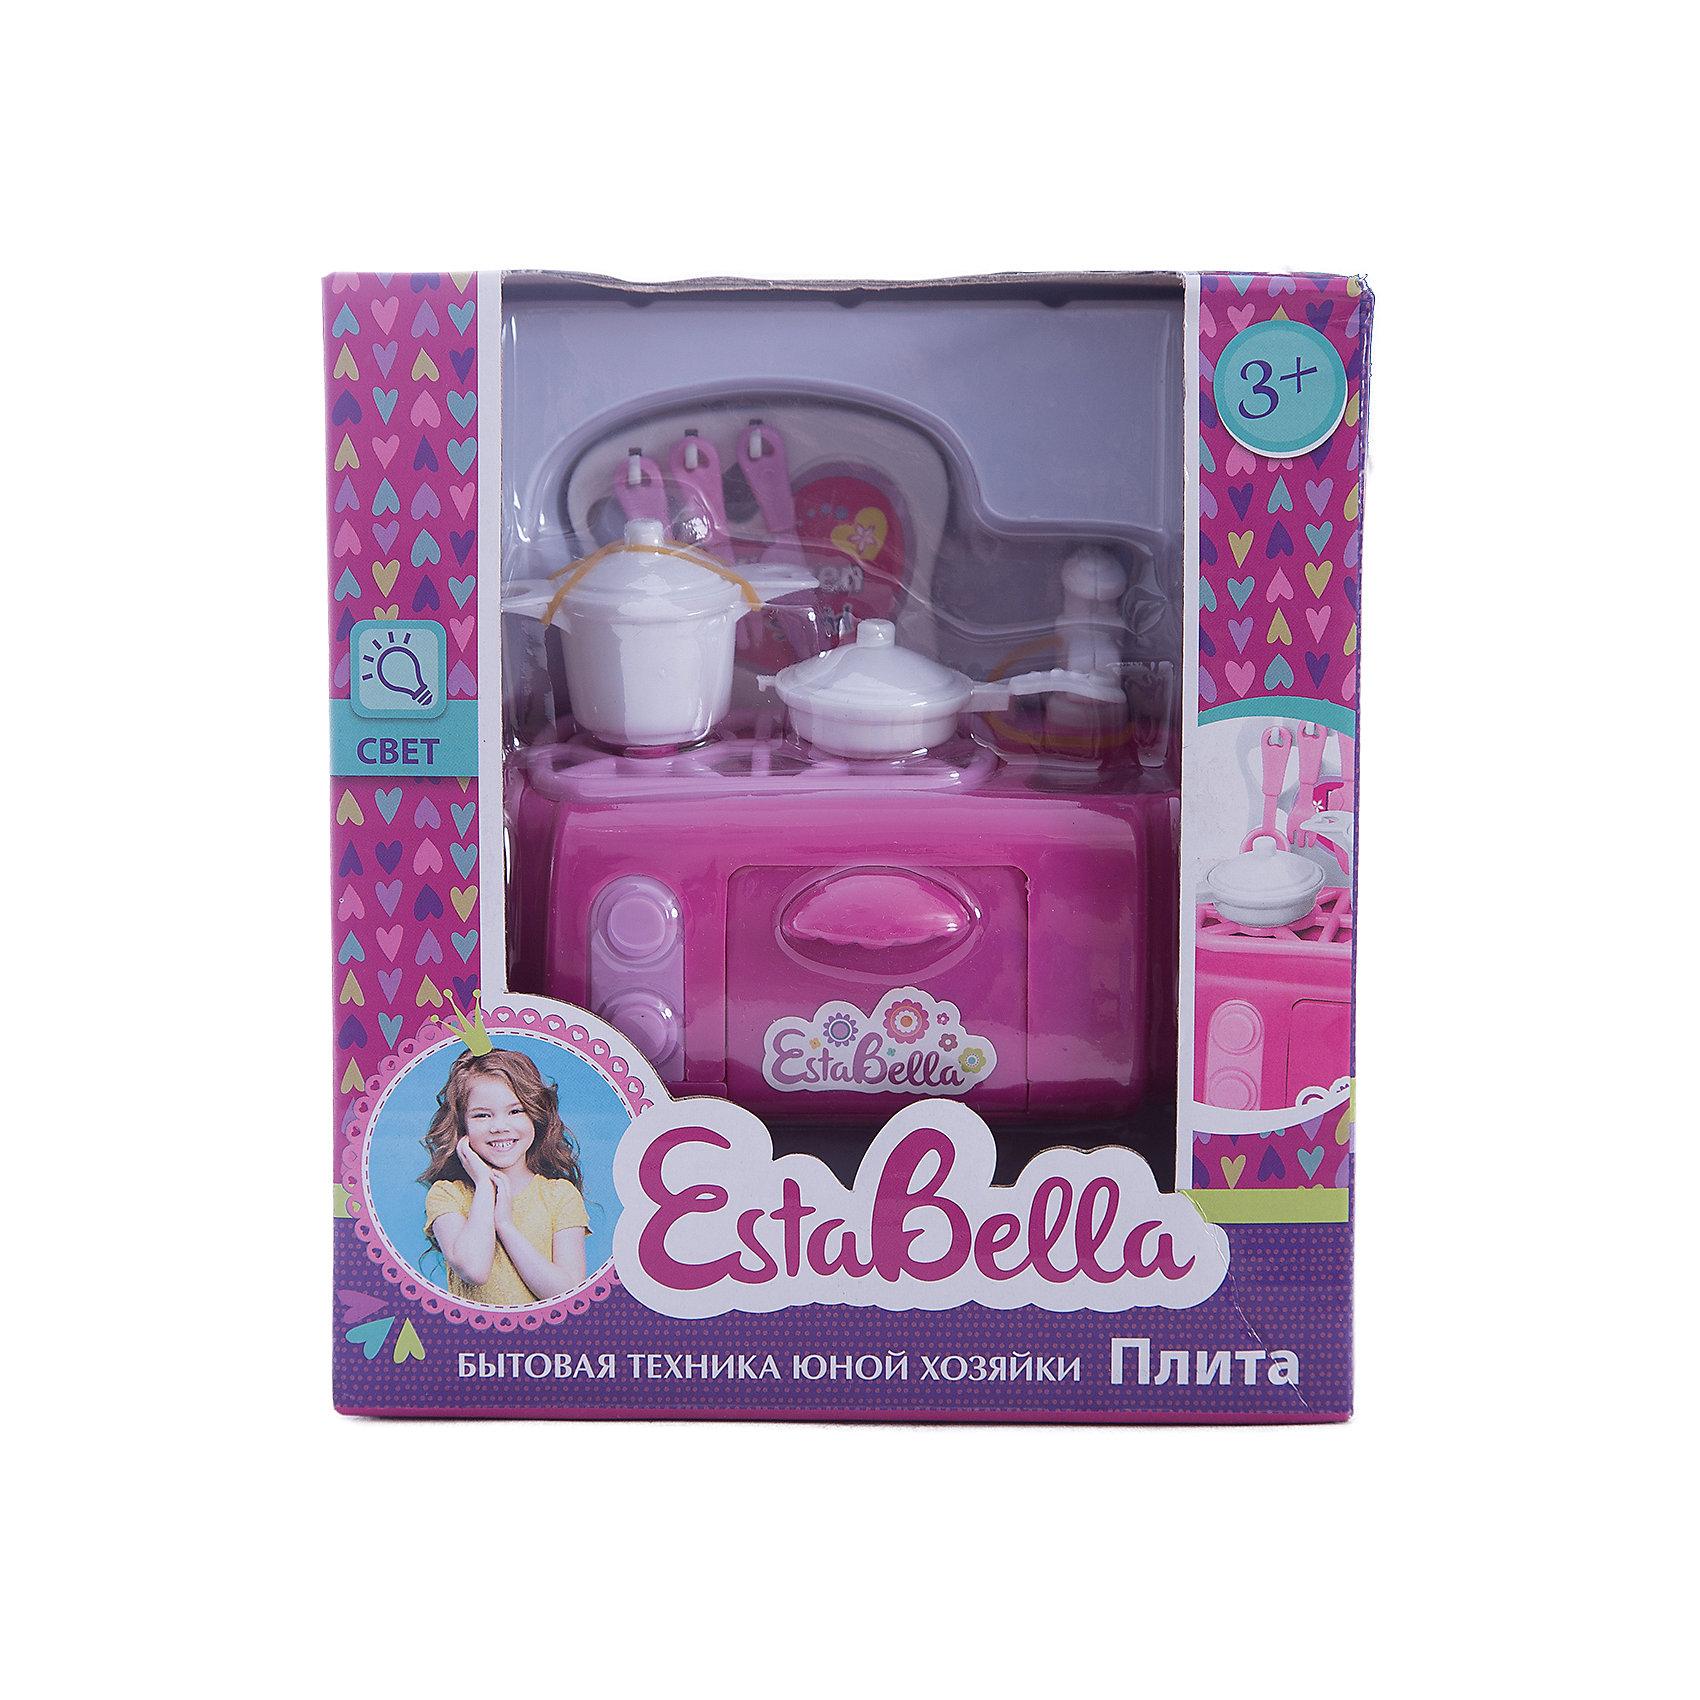 Игрушка Плита, EstaBellaИгрушечная бытовая техника<br>Игрушка Плита, EstaBella (Эстабелла).<br><br>Характеристики:<br><br>• есть световые эффекты<br>• работает от батареек<br>• полностью безопасна для ребенка<br>• материал: пластик<br>• вес: 190 грамм<br>• размер упаковки: 15х9х17 см<br><br>Плита EstaBella (Эстабелла) поможет девочке почувствовать себя настоящей хозяйкой! Кастрюля, кухонные приборы, сковорода - здесь есть все, что может пригодиться на кухне. Световые эффекты понравятся малышке и она с радостью будет готовить для своих игрушек. Игрушки полностью безопасны для ребенка. <br>Познакомившись с такой плитой, девочка с удовольствием будет помогать маме!<br><br>Вы можете купить игрушку Плита, EstaBella (Эстабелла) в нашем интернет-магазине.<br><br>Ширина мм: 170<br>Глубина мм: 90<br>Высота мм: 150<br>Вес г: 190<br>Возраст от месяцев: 36<br>Возраст до месяцев: 120<br>Пол: Женский<br>Возраст: Детский<br>SKU: 5017652